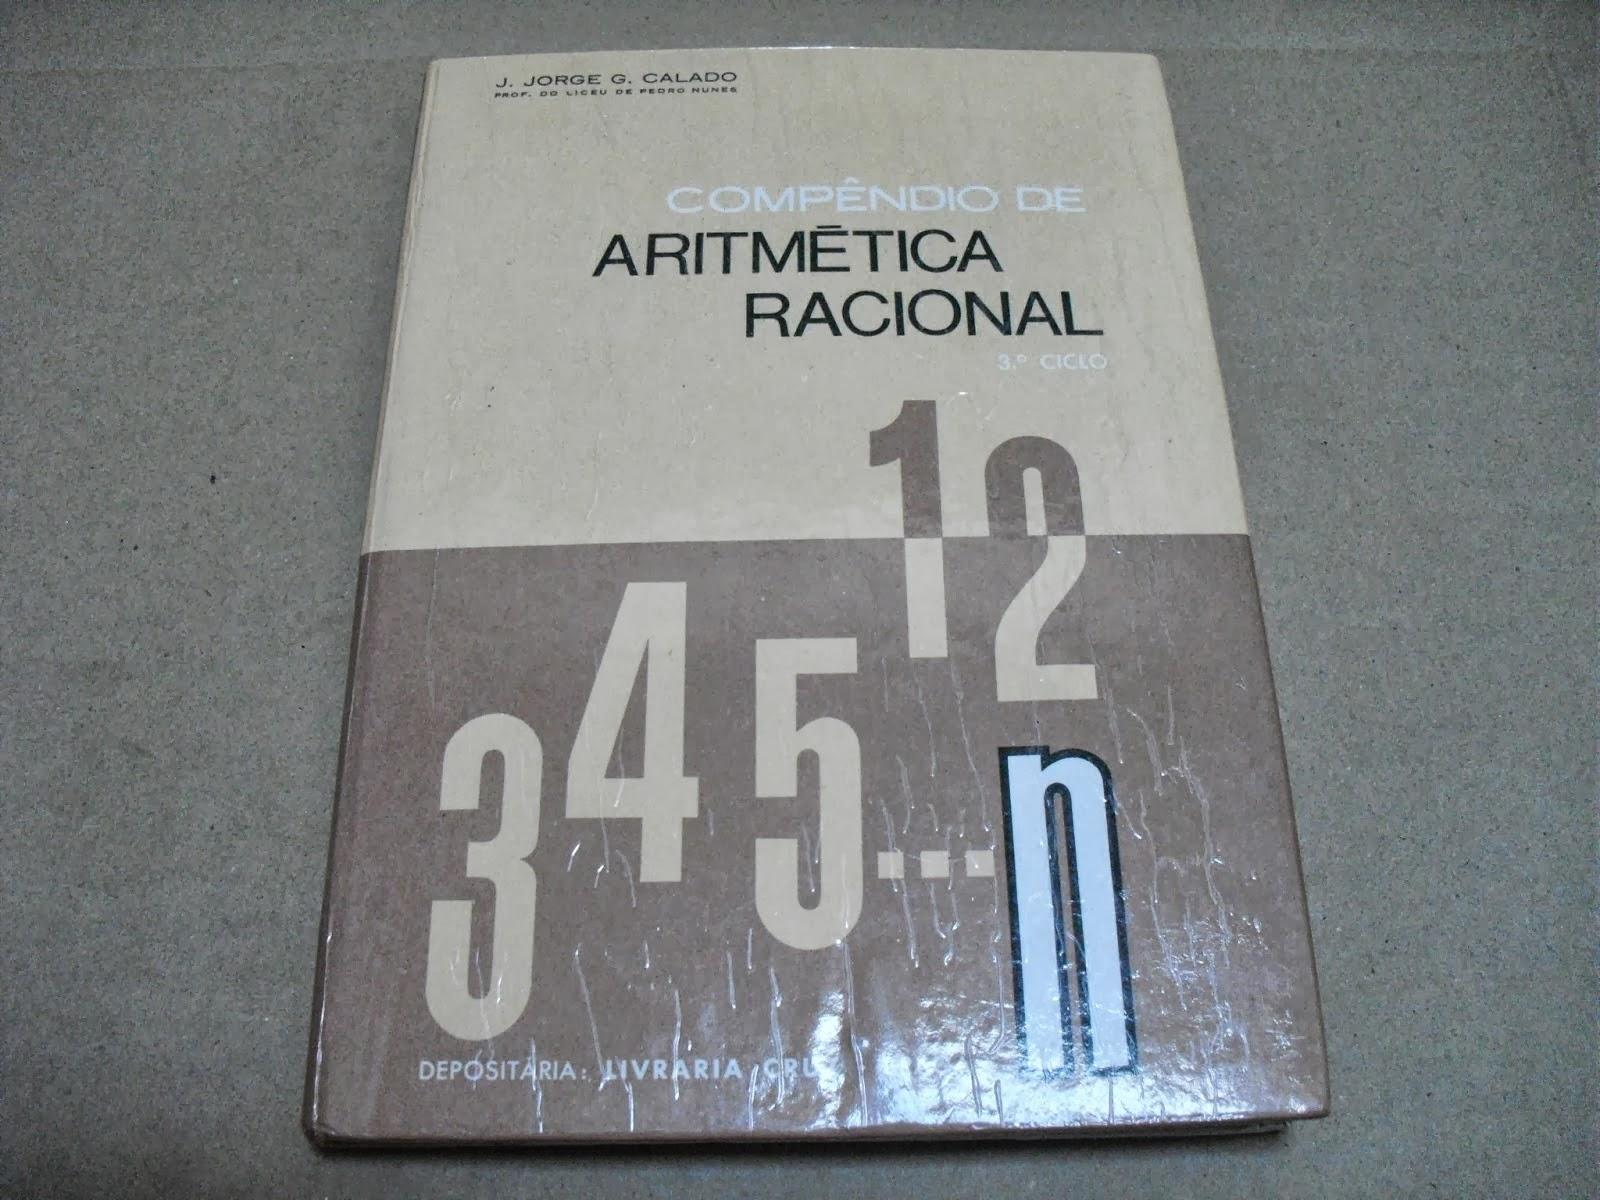 Compêndio De Aritmética Racional 3º Ciclo - J. Jorge G. Calado